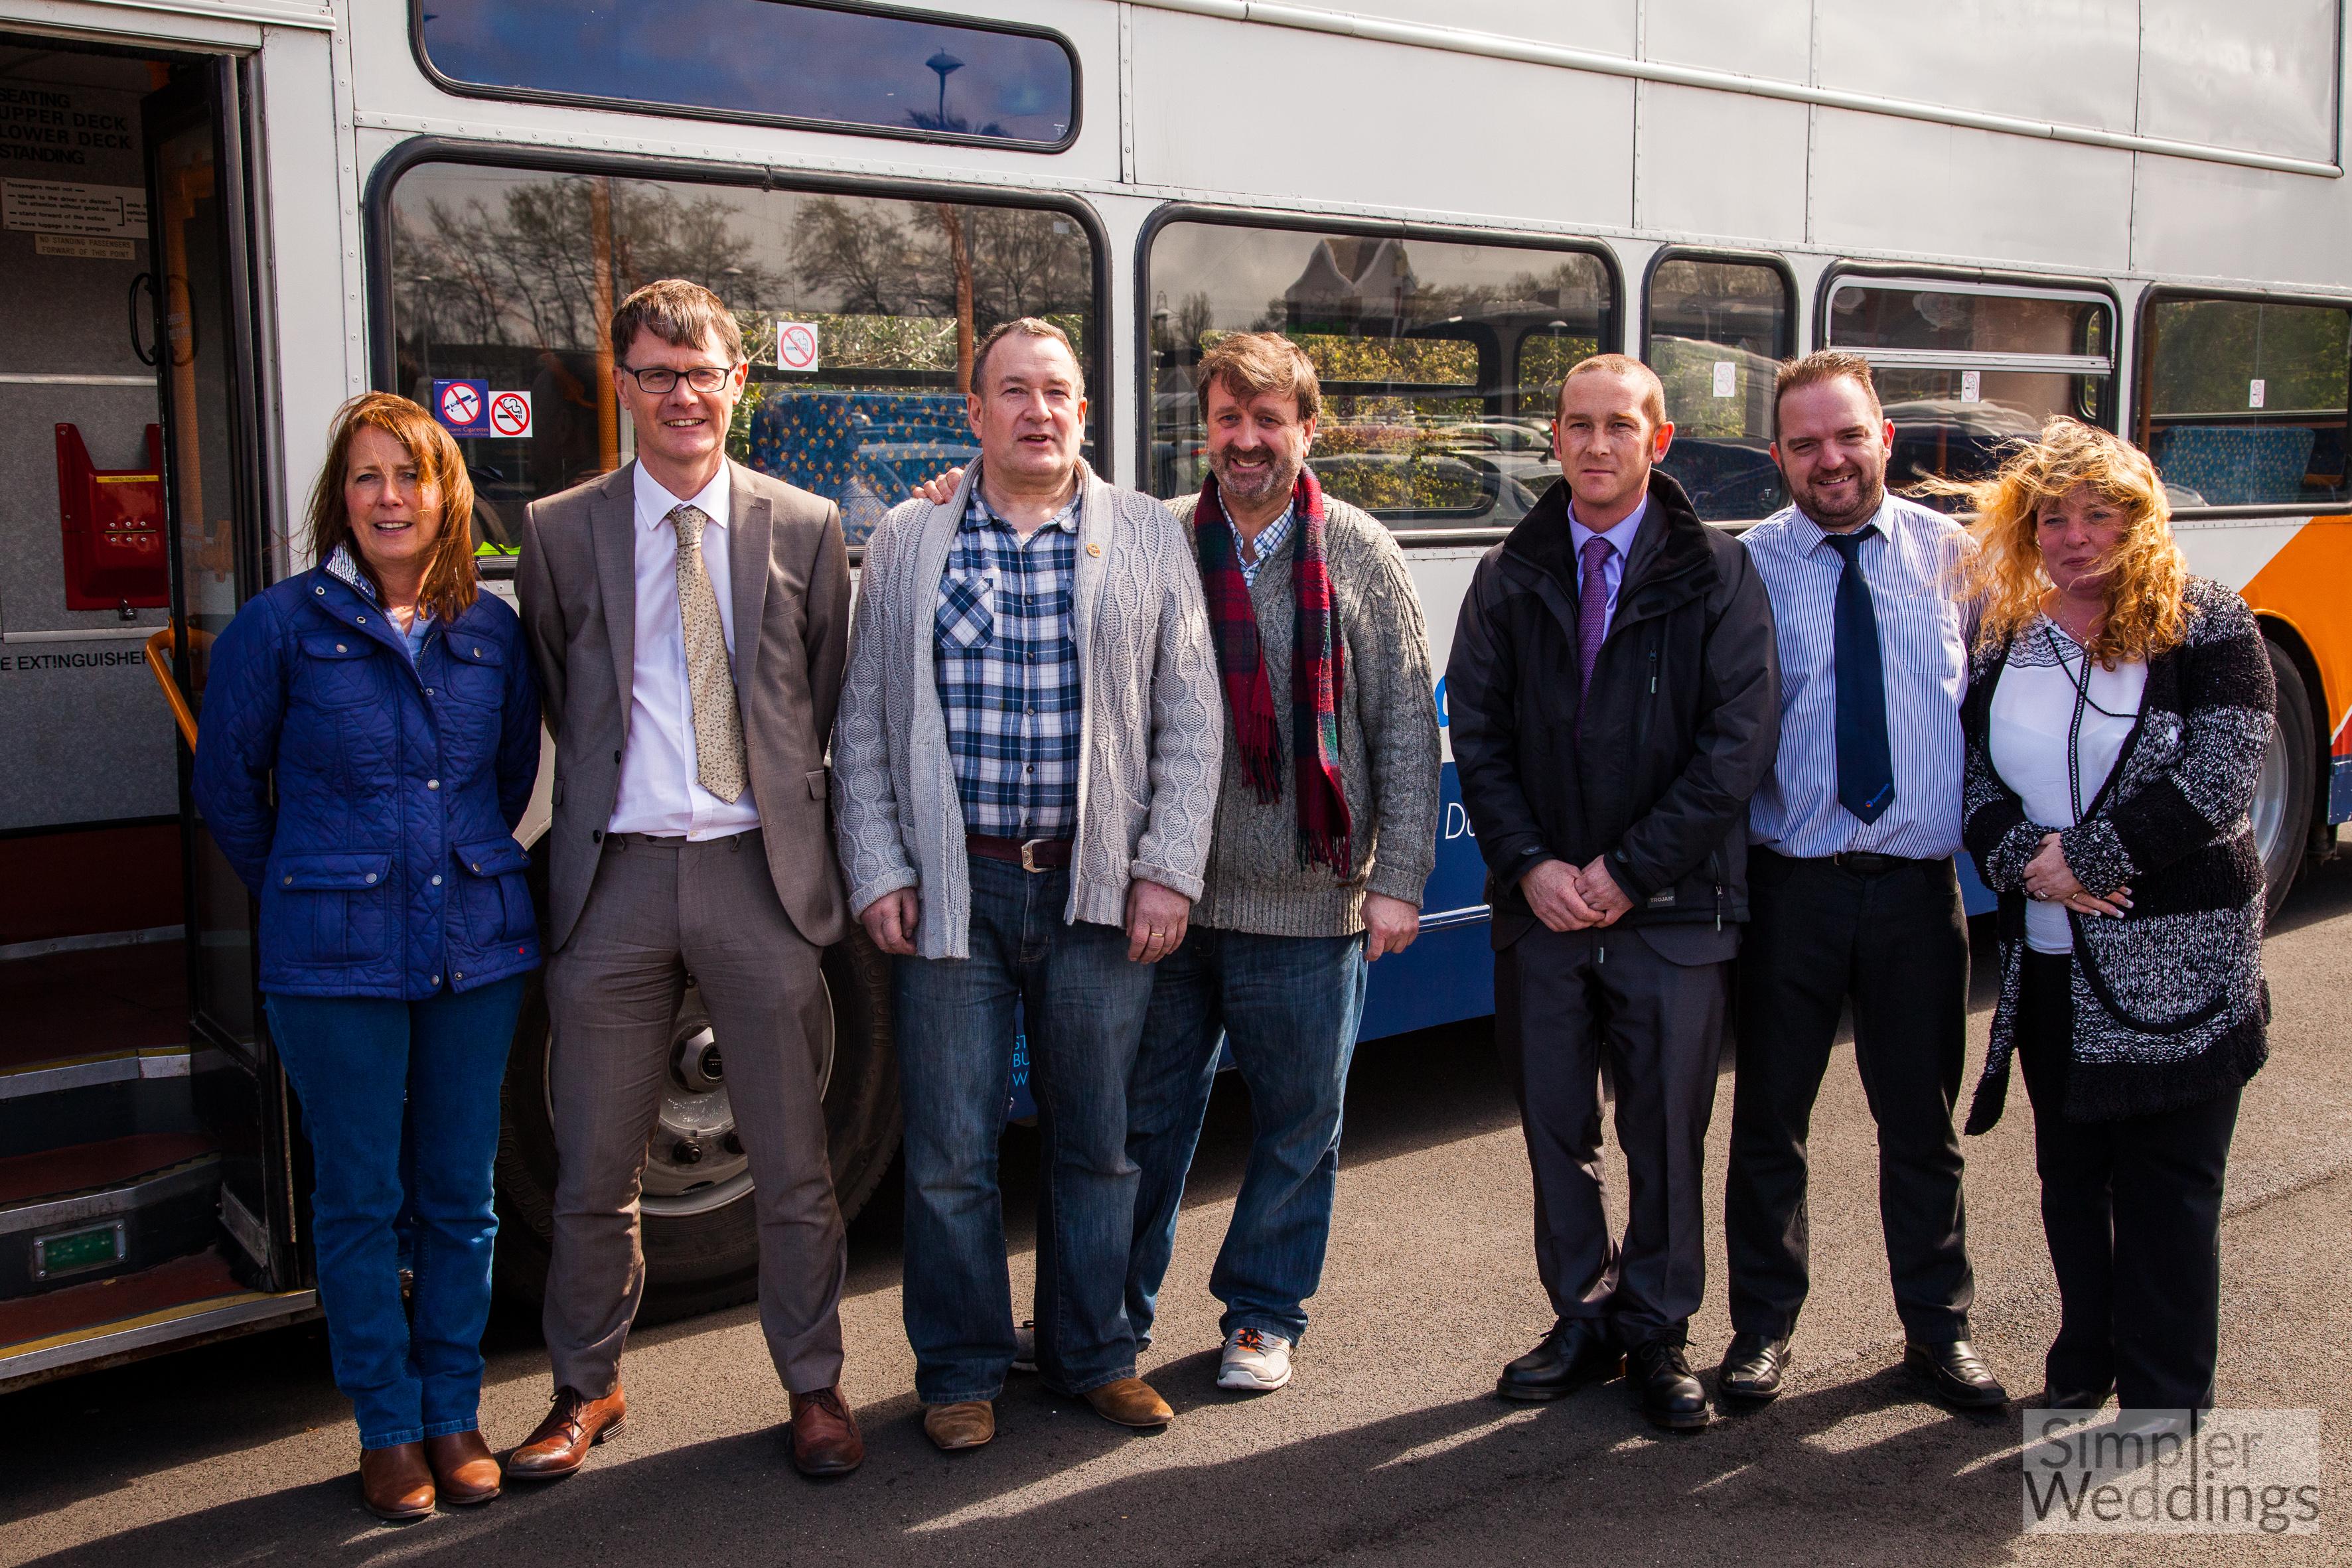 Ženy proměnily starý autobus v útočiště pro lidi bez domova